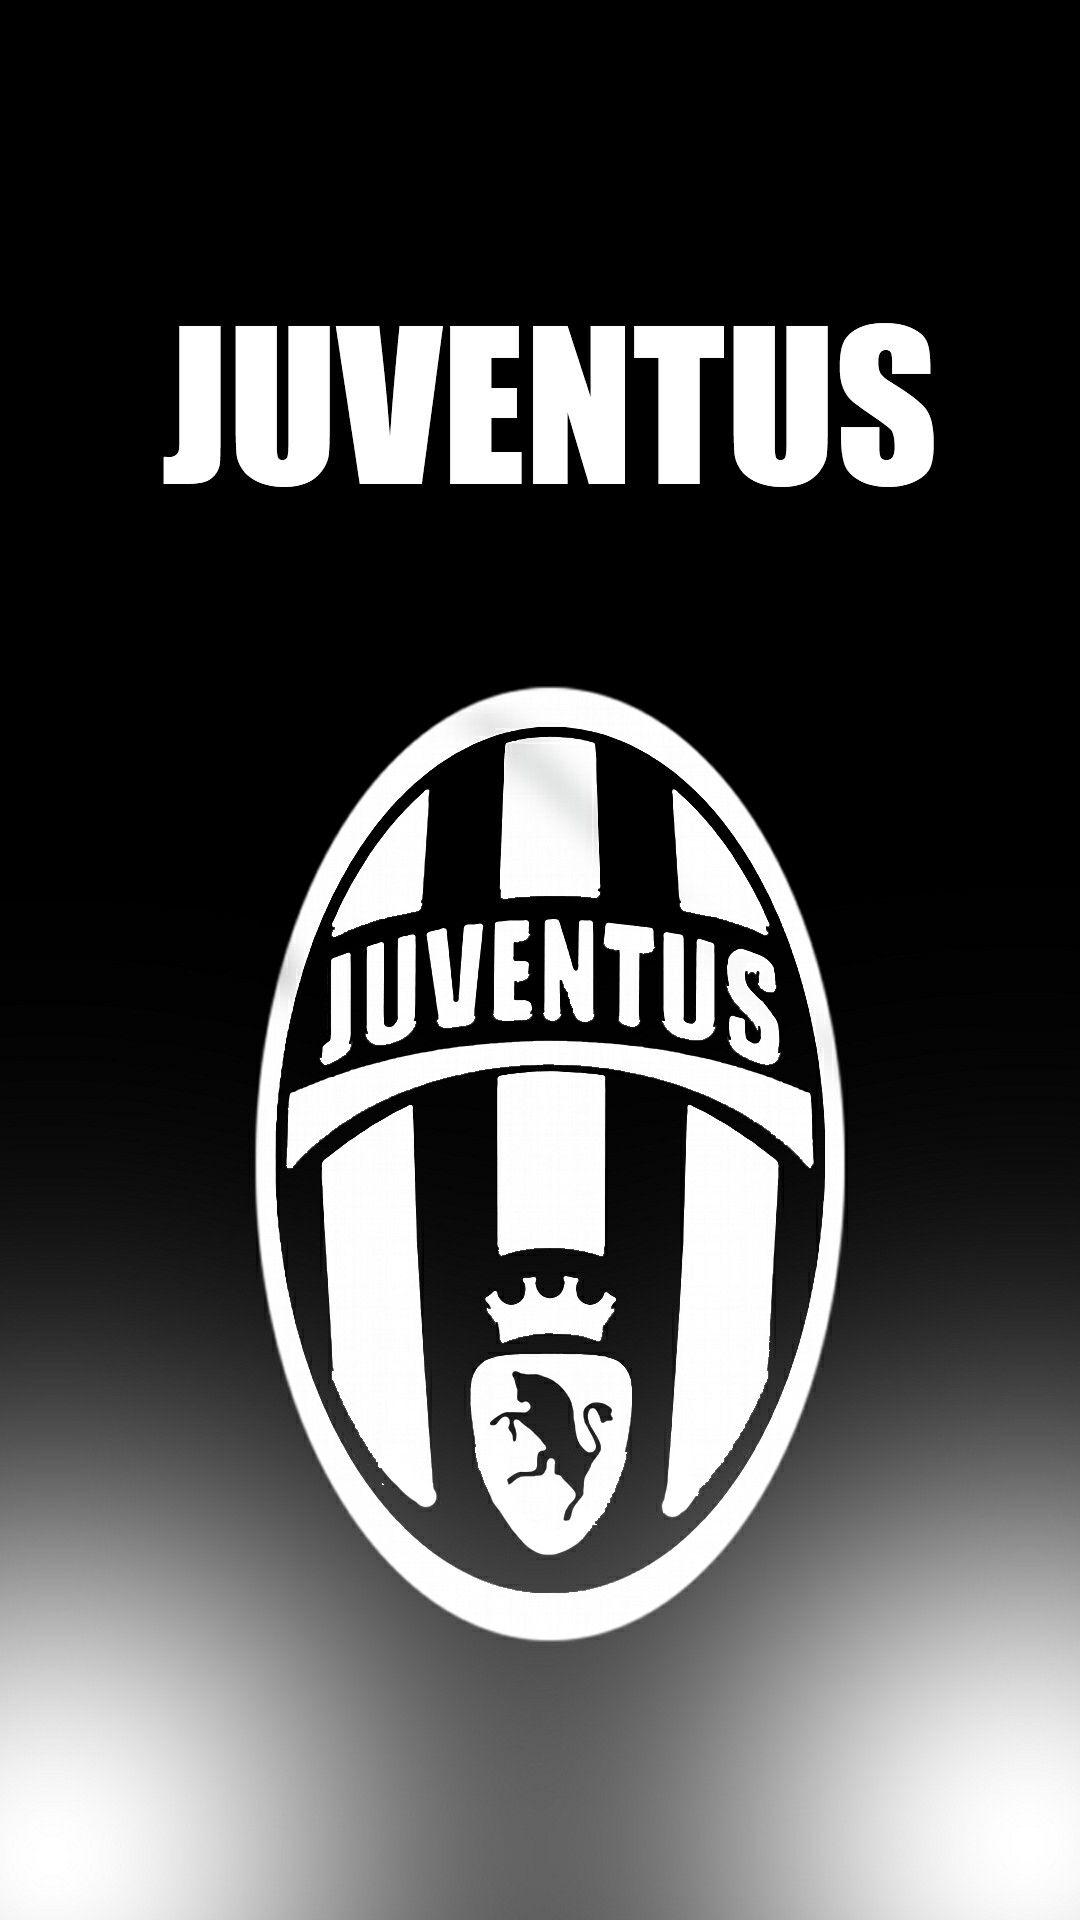 Most Inspiring Wallpaper Logo Juventus - 42489bec34a7694a99d514ba85ae92e4  Collection_109259.jpg